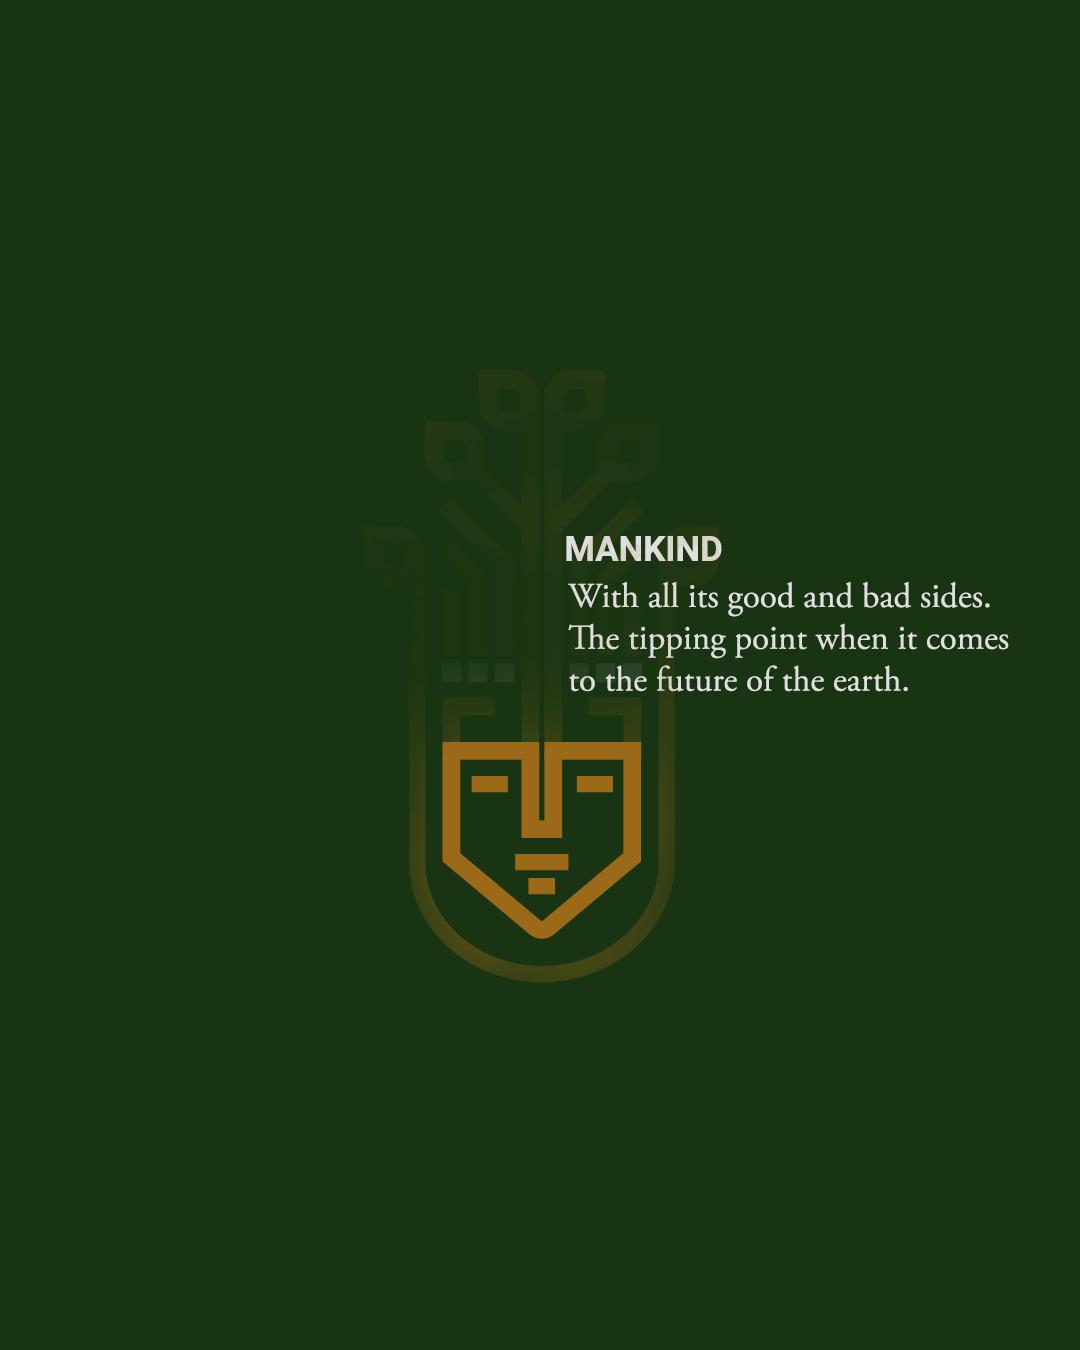 Logo_Erklärung_Feedpost3